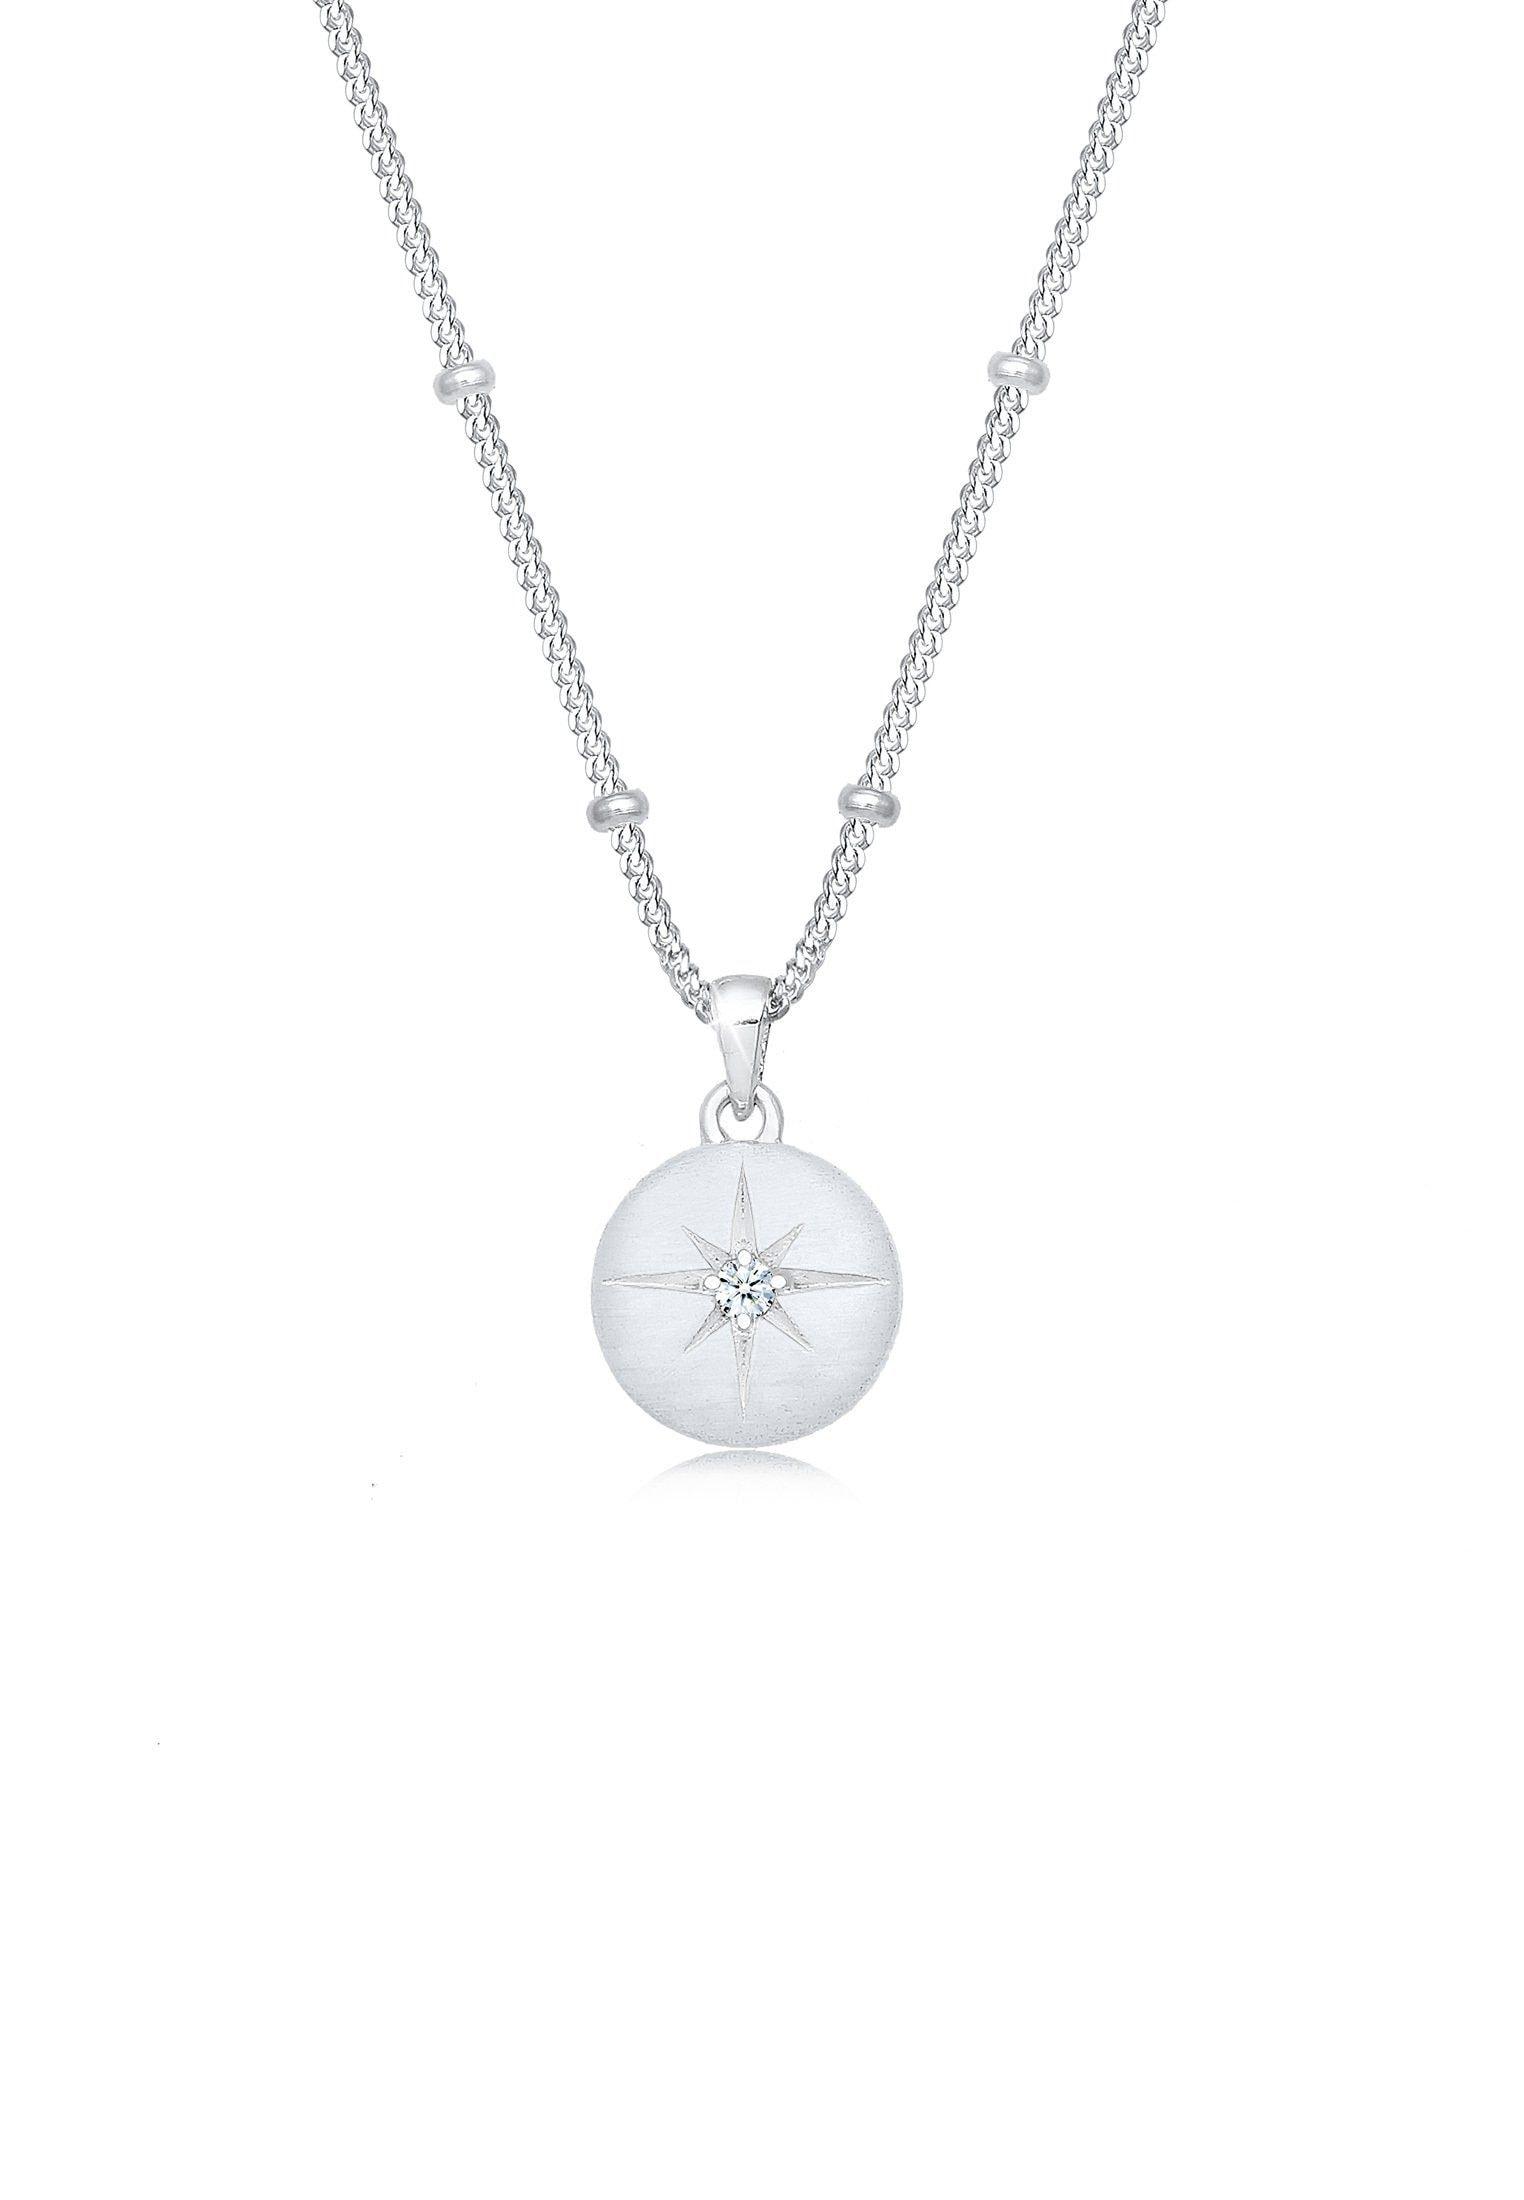 Elli Collierkettchen Panzerkette Stern Diamant (003 ct) 925 Silber | Schmuck > Halsketten > Panzerketten | Elli